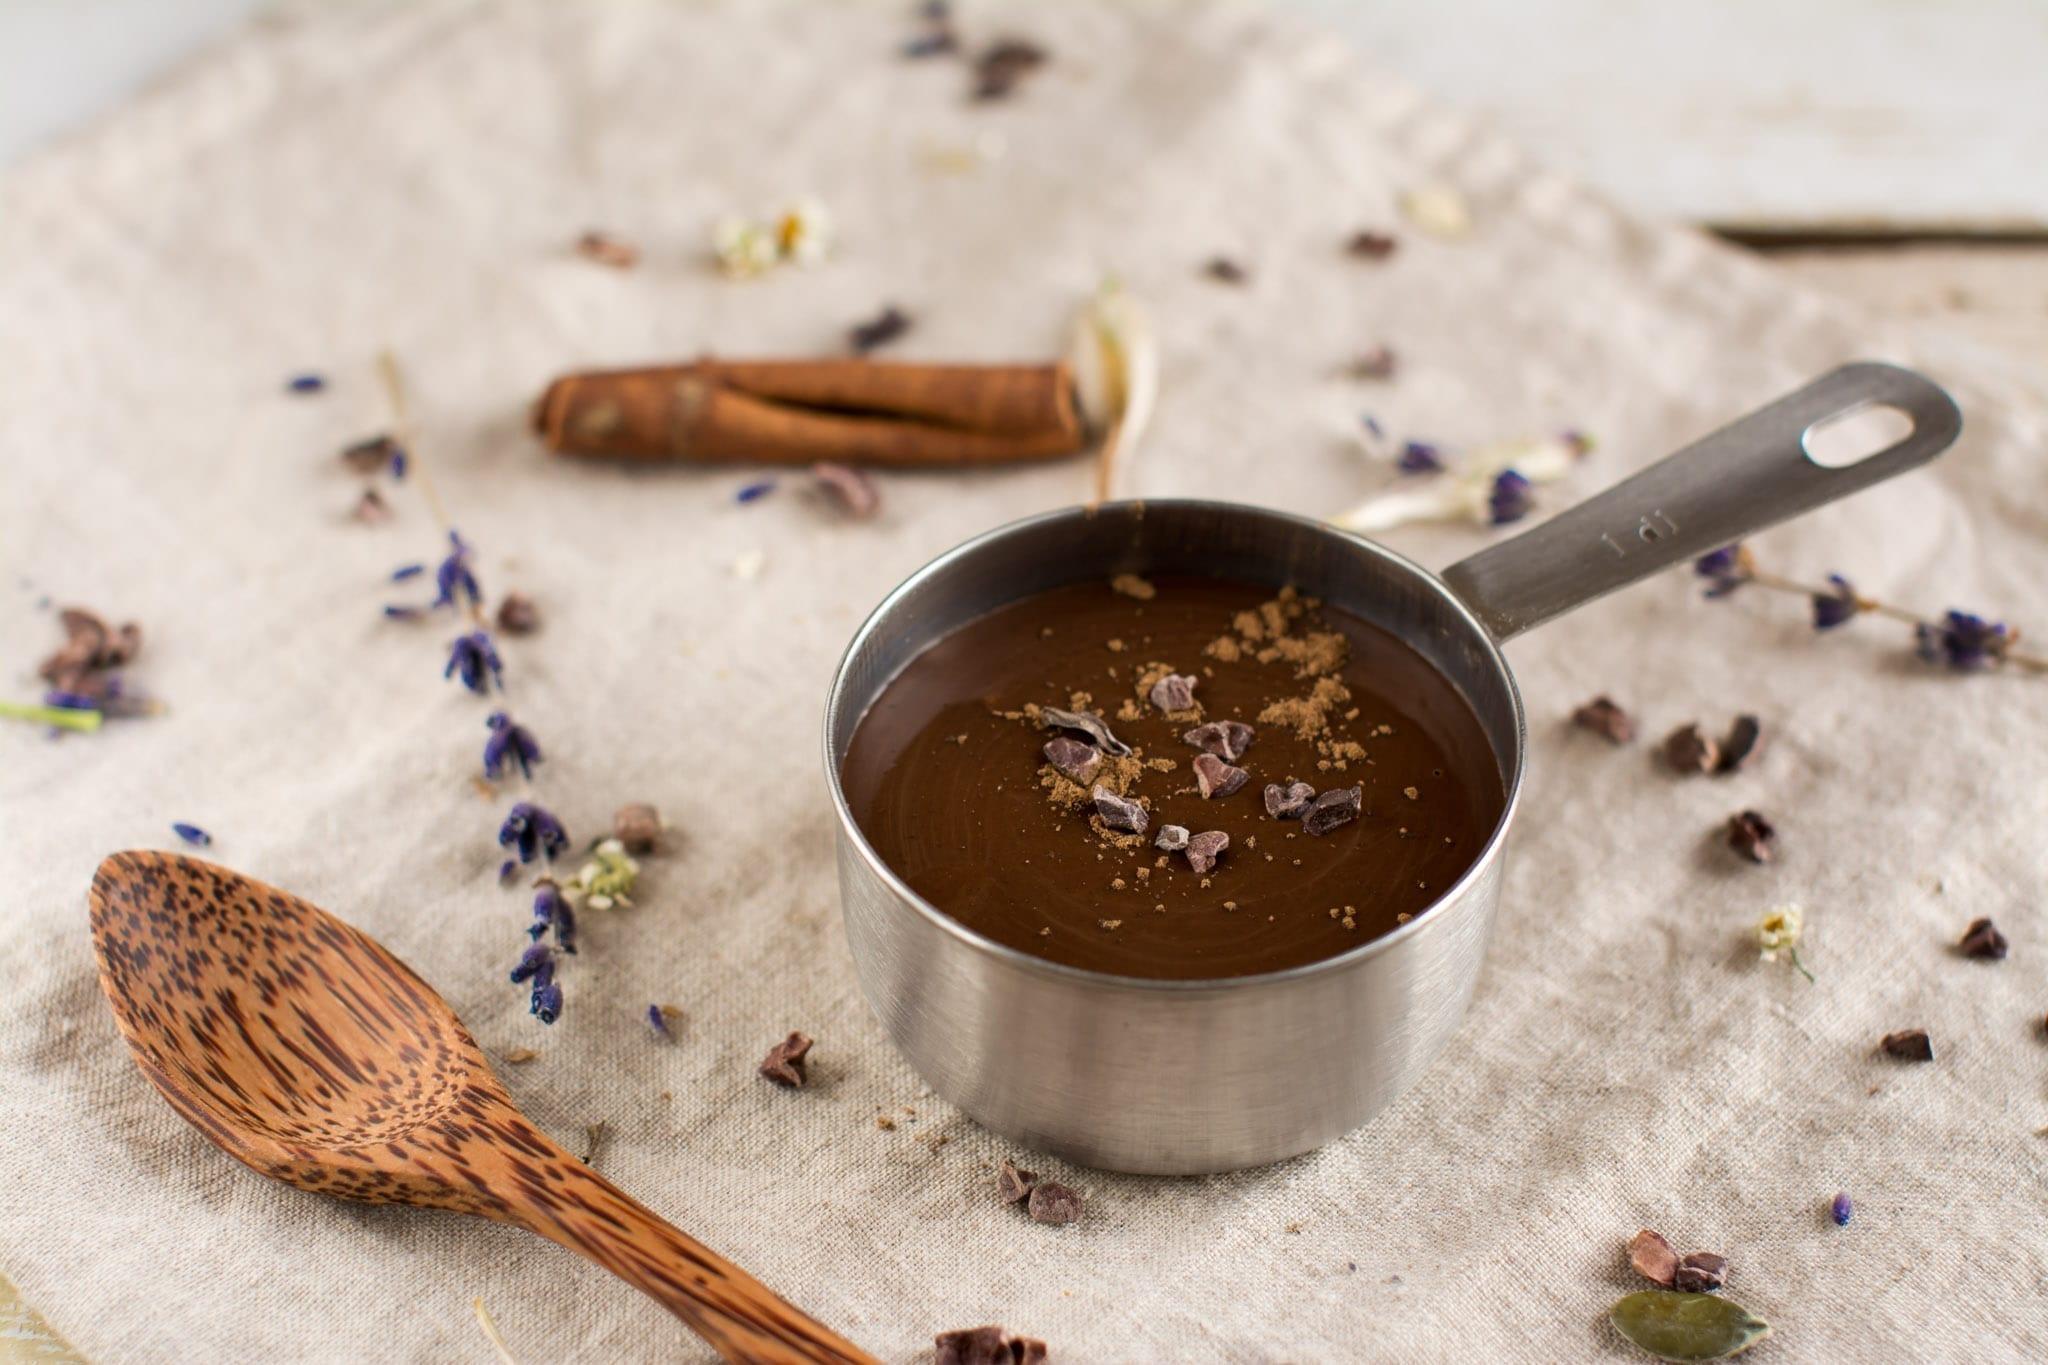 Vegan chocolate sauce